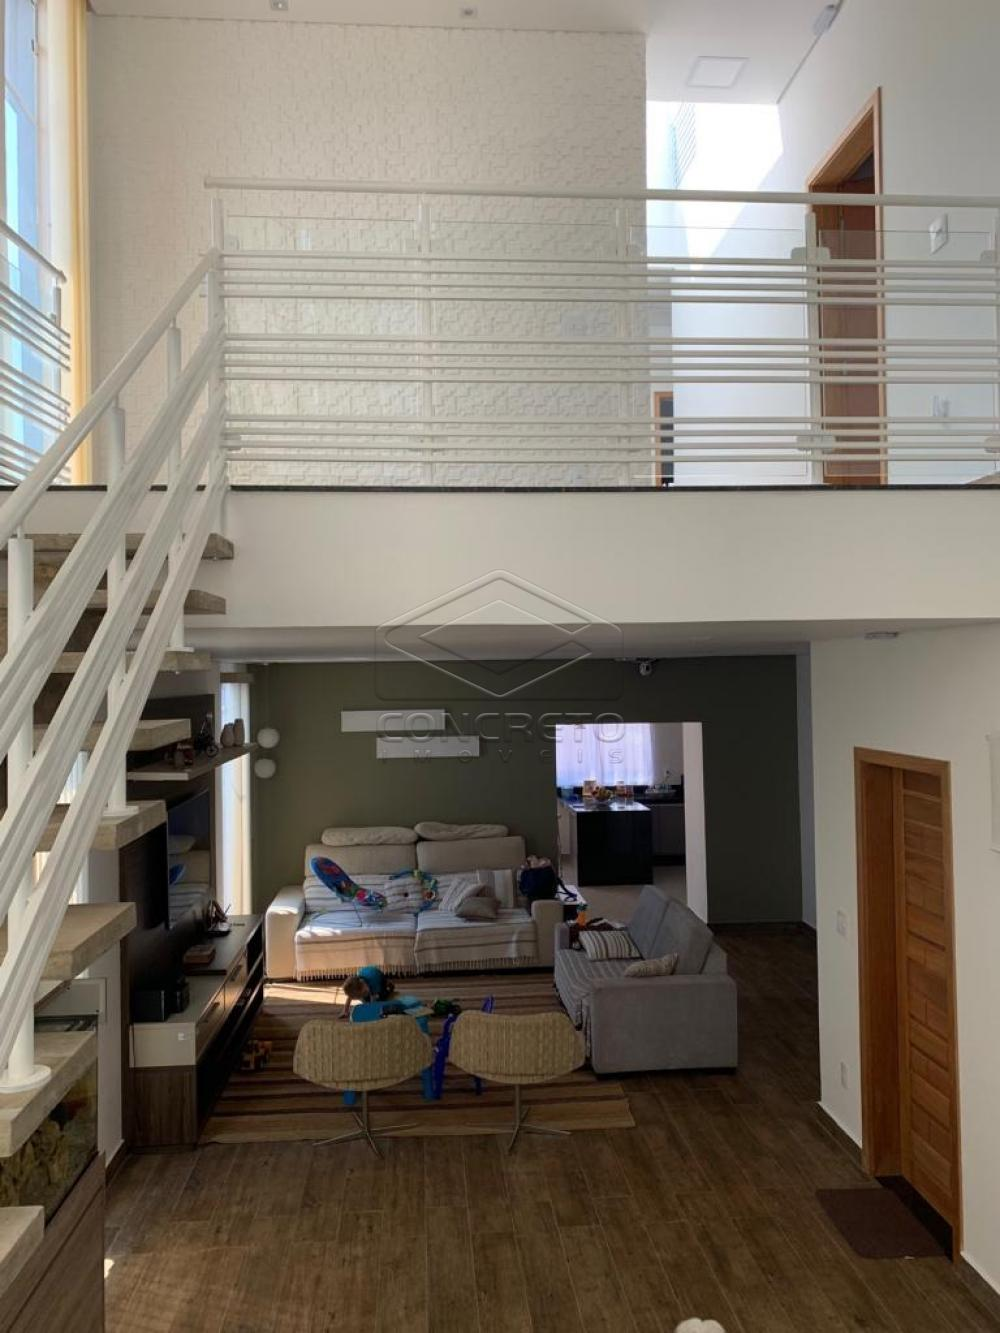 Comprar Casa / Padrão em Sao Manuel apenas R$ 650.000,00 - Foto 50